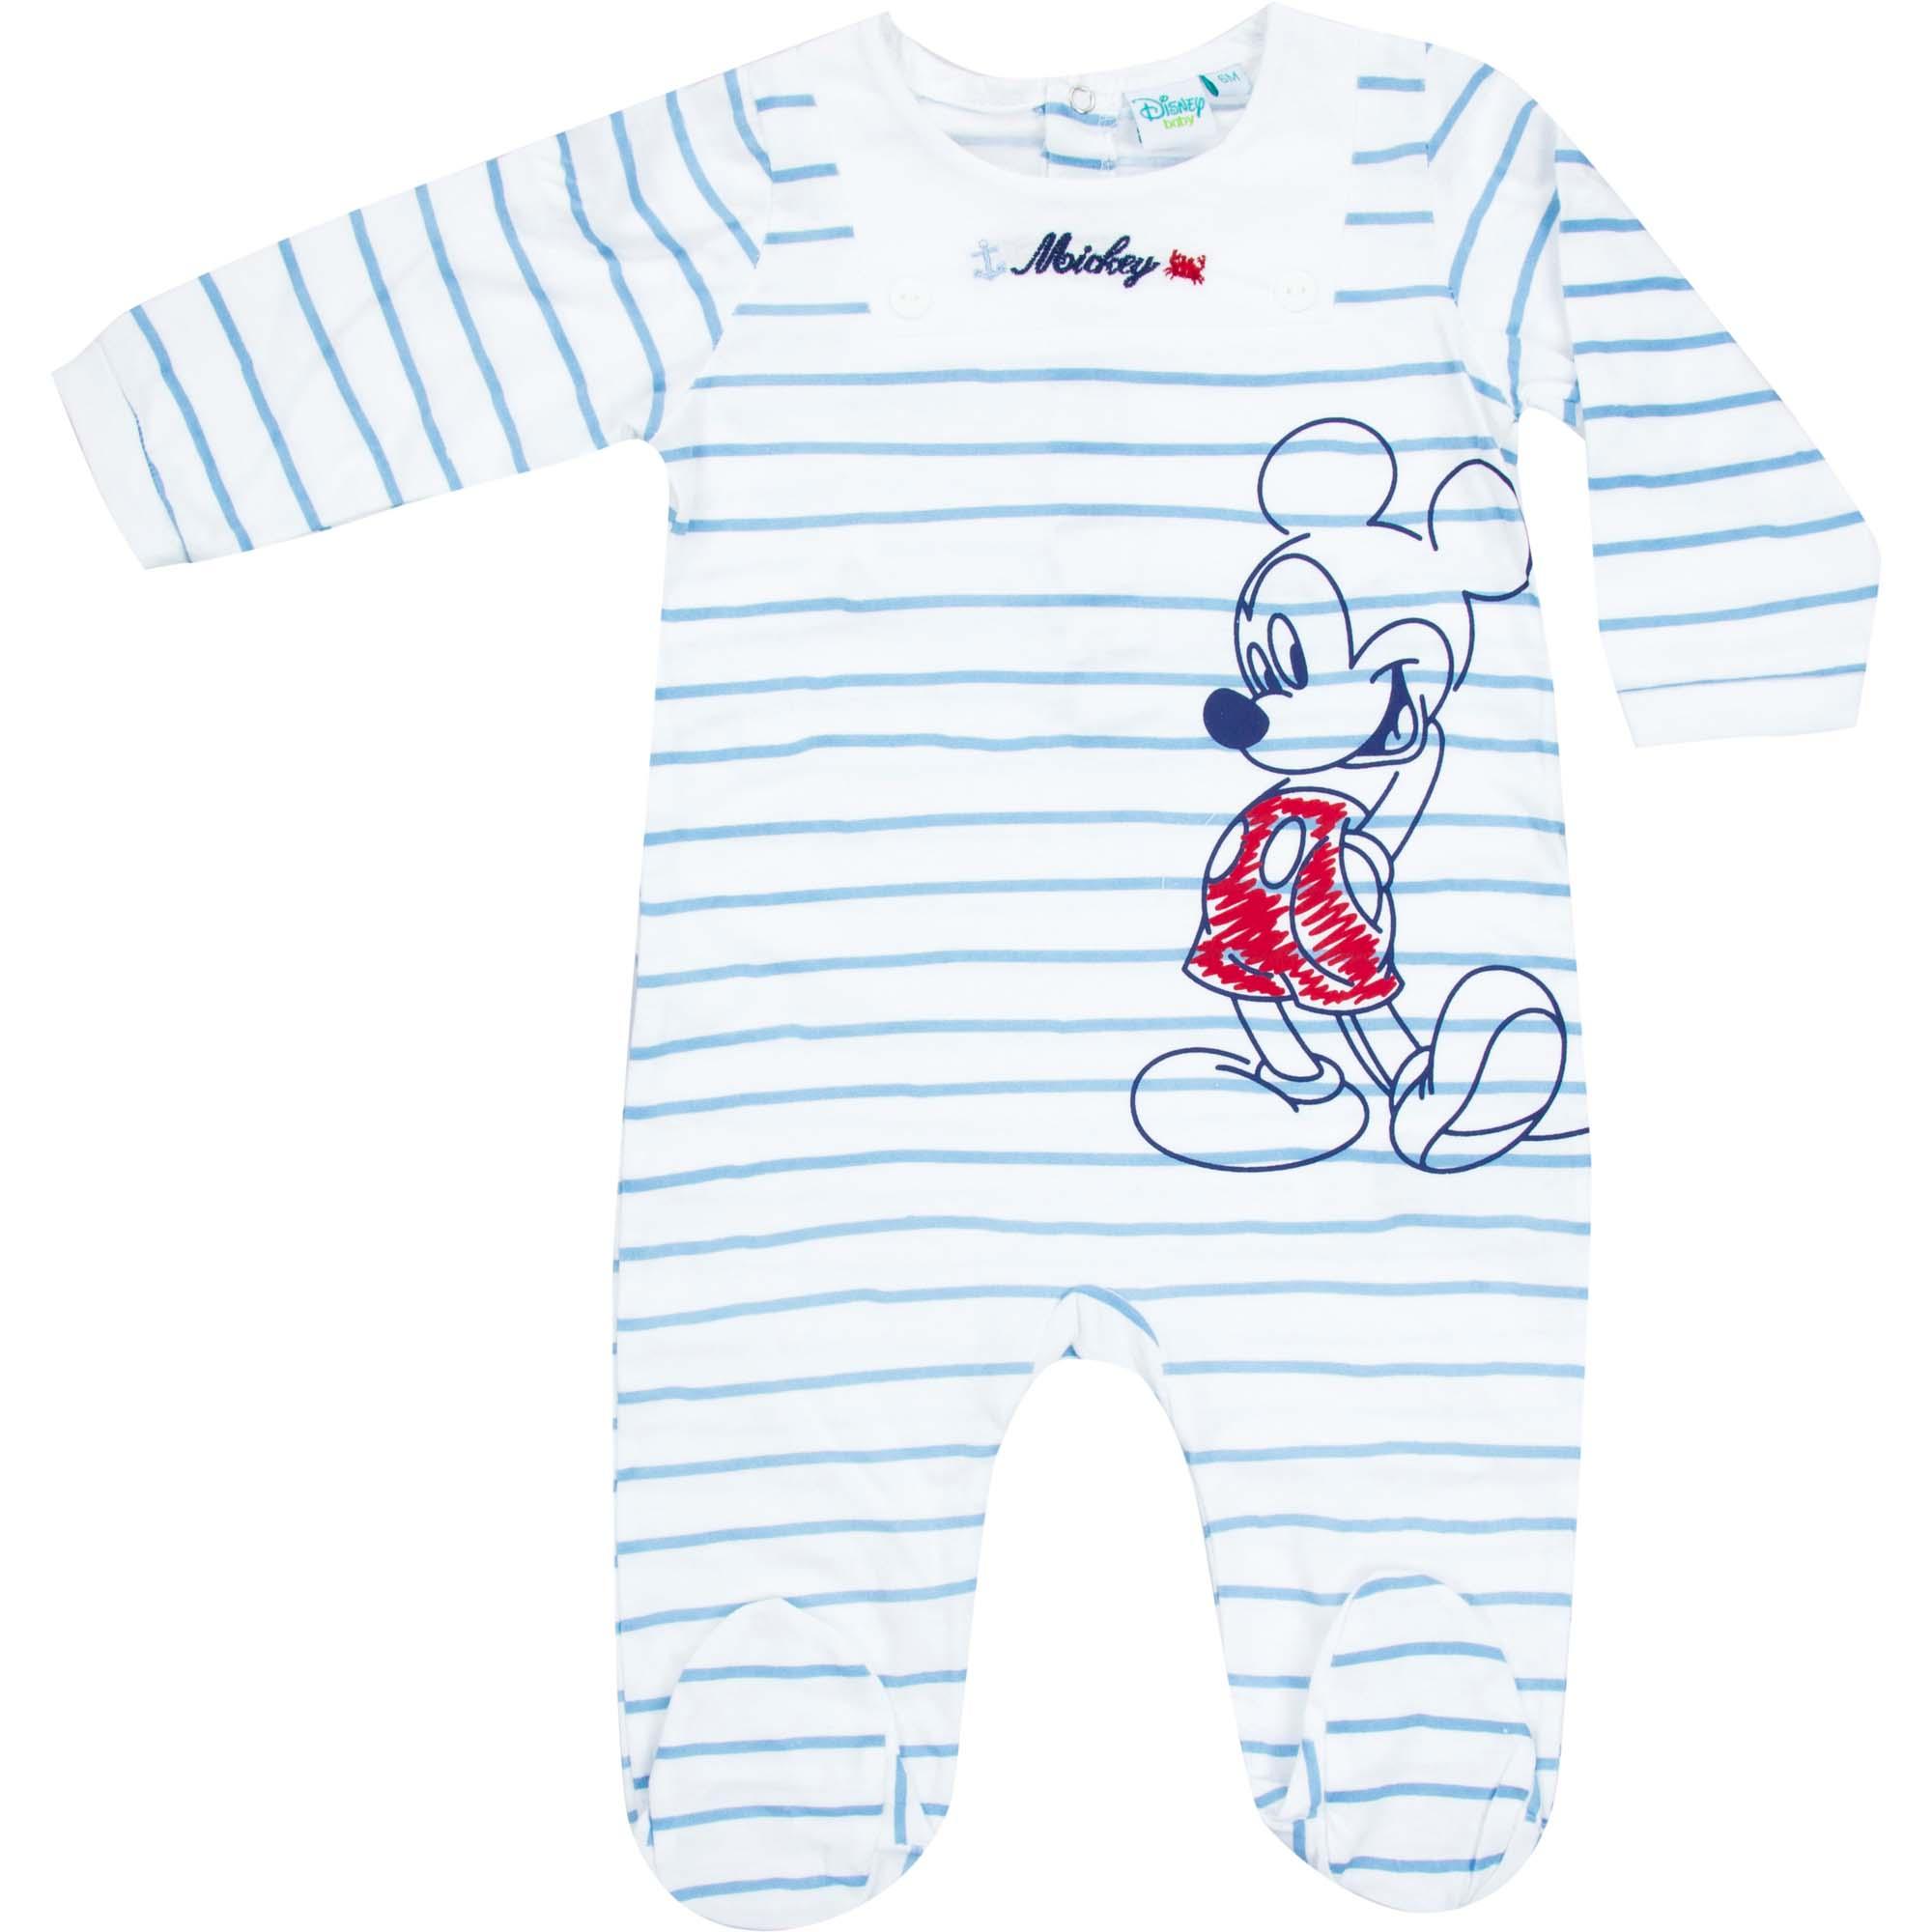 Créateur: Disney Baby Composition: 100% coton Couleur : Bleu Tailles disponibles : 0 mois (50) / 1 mois (56)  Il reste un seul exemplaire par taille ! Prix: 10€